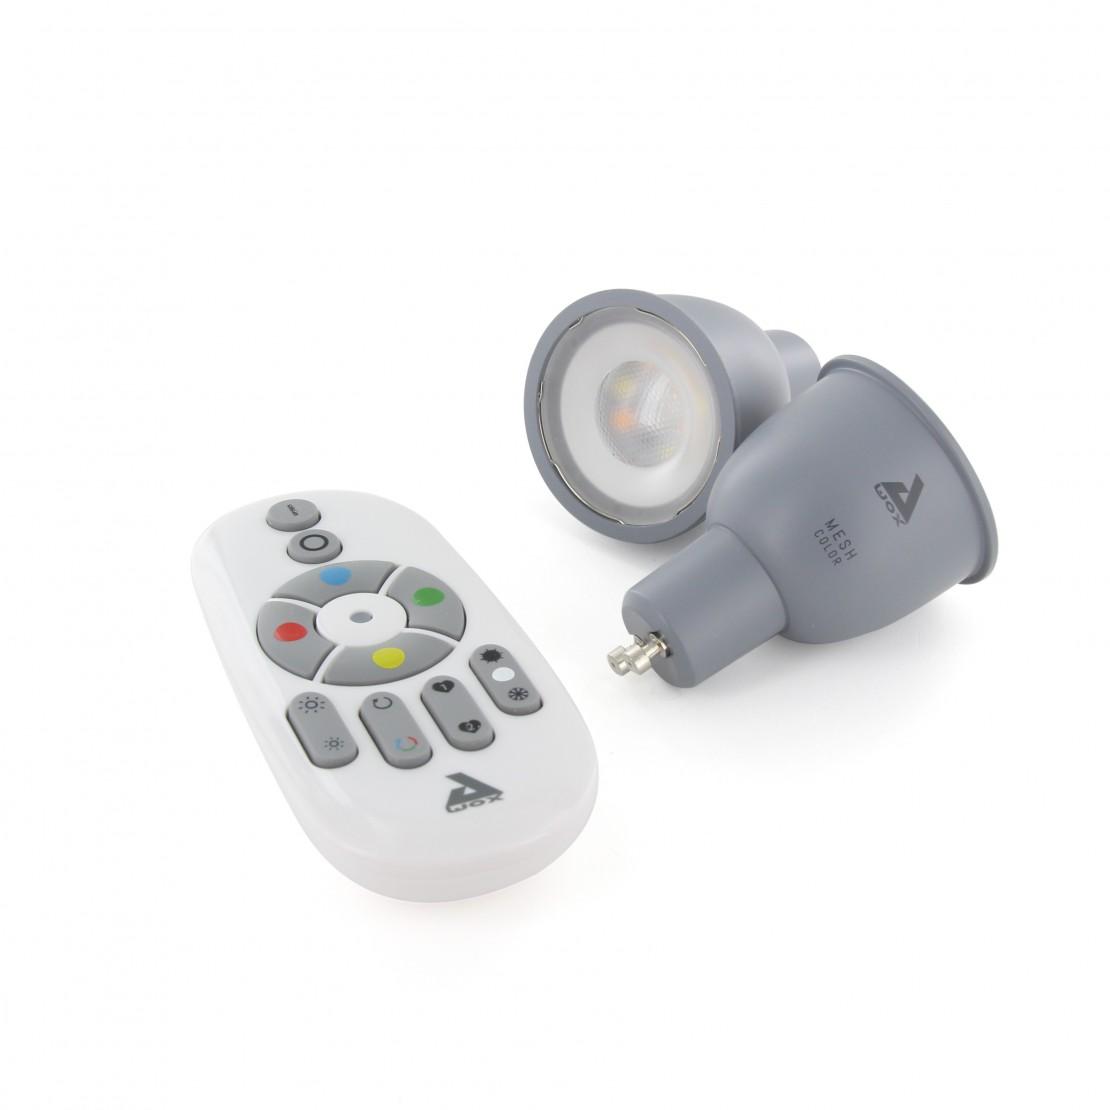 Kit met lampen, GU10, kleur, Bluetooth Mesh en afstandsbediening